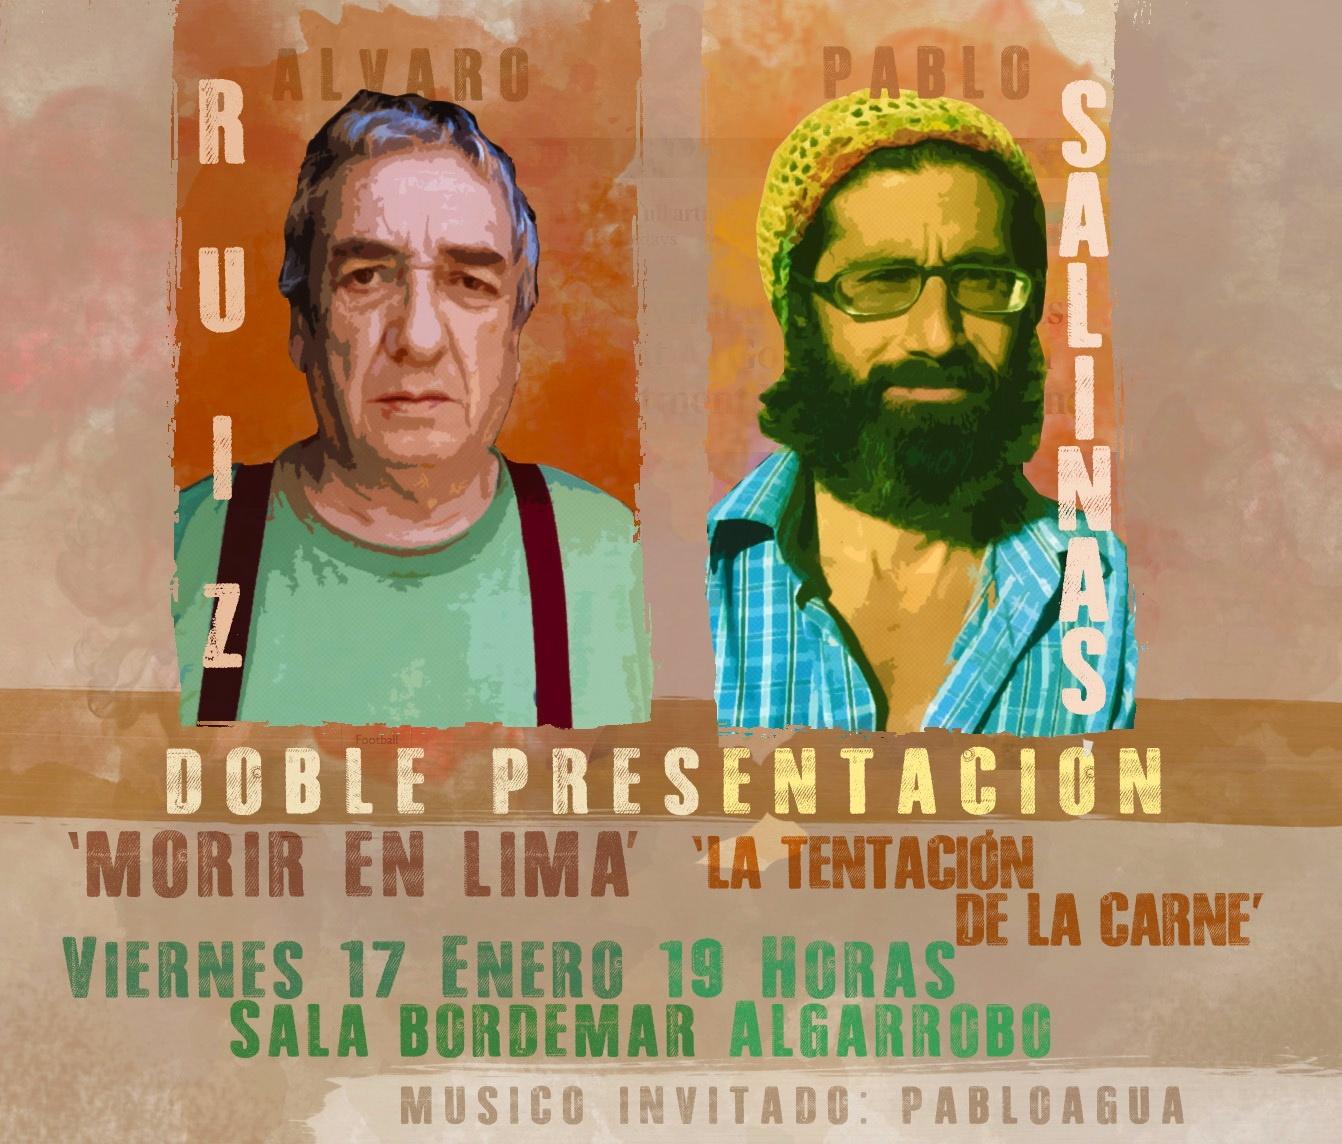 invitación Salinas Ruiz